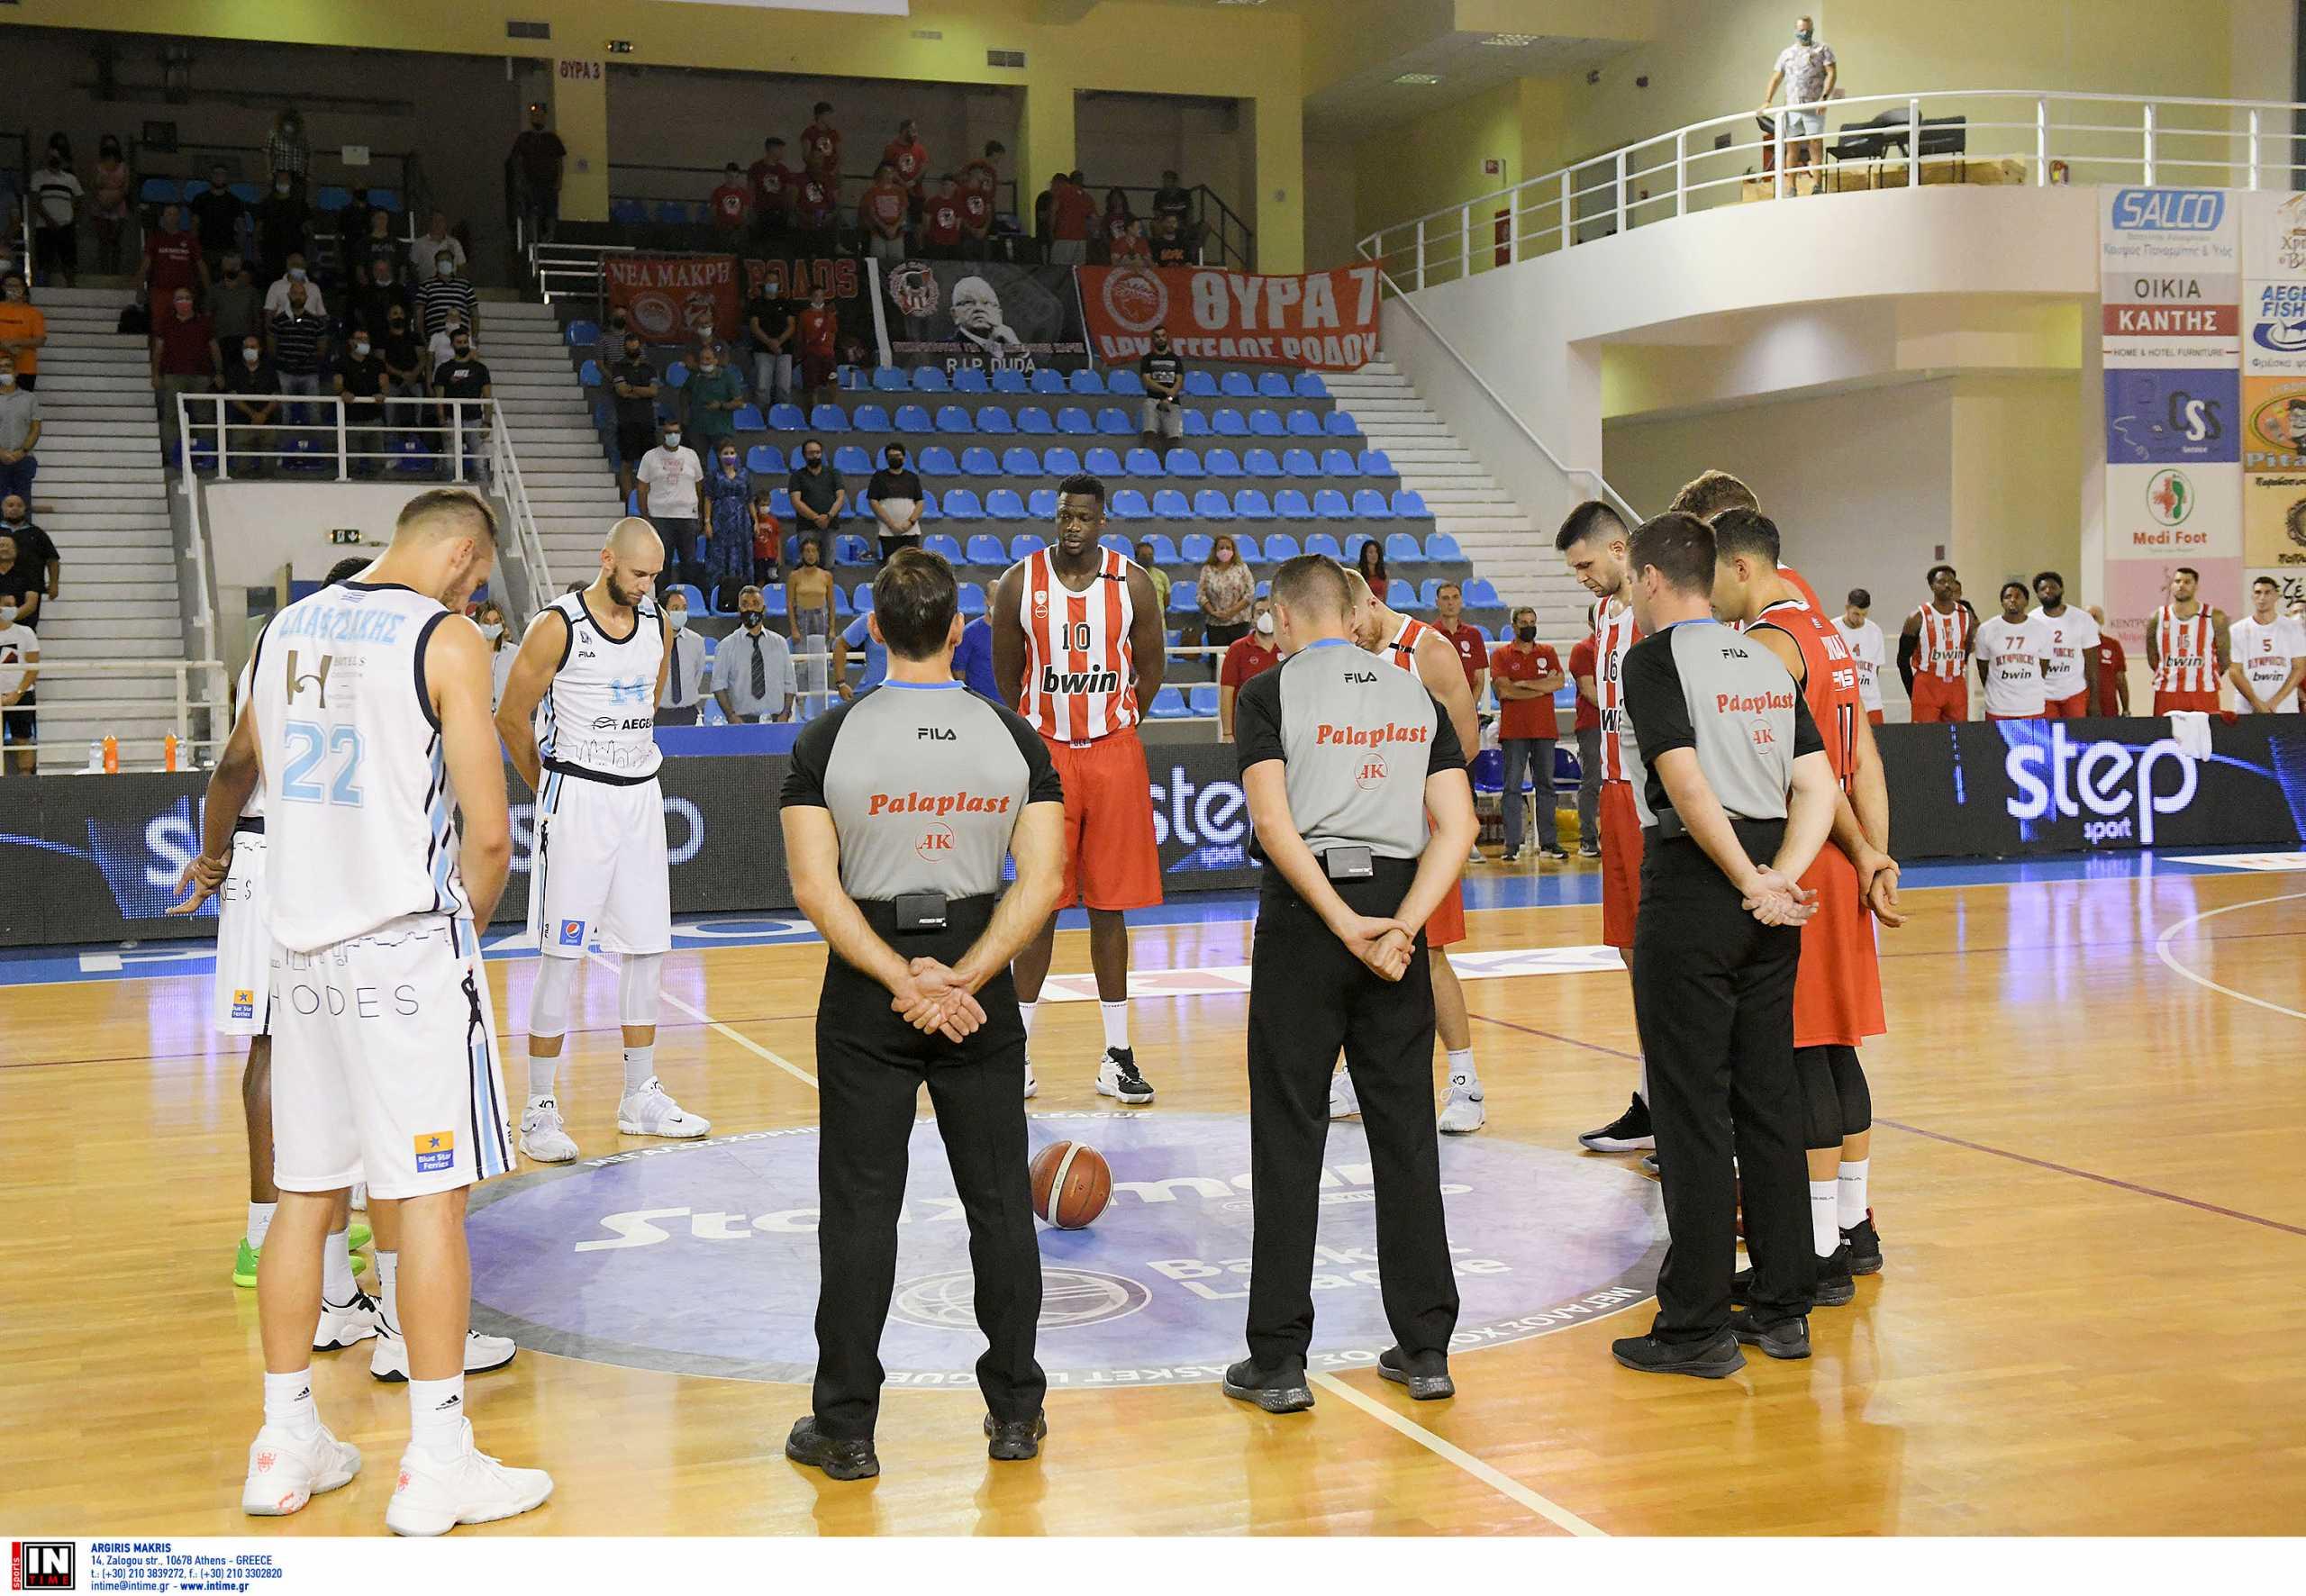 Ντούσαν Ίβκοβιτς: Ενός λεπτού σιγή και πένθος στις φανέλες στο Κολοσσός Ρόδου – Ολυμπιακός